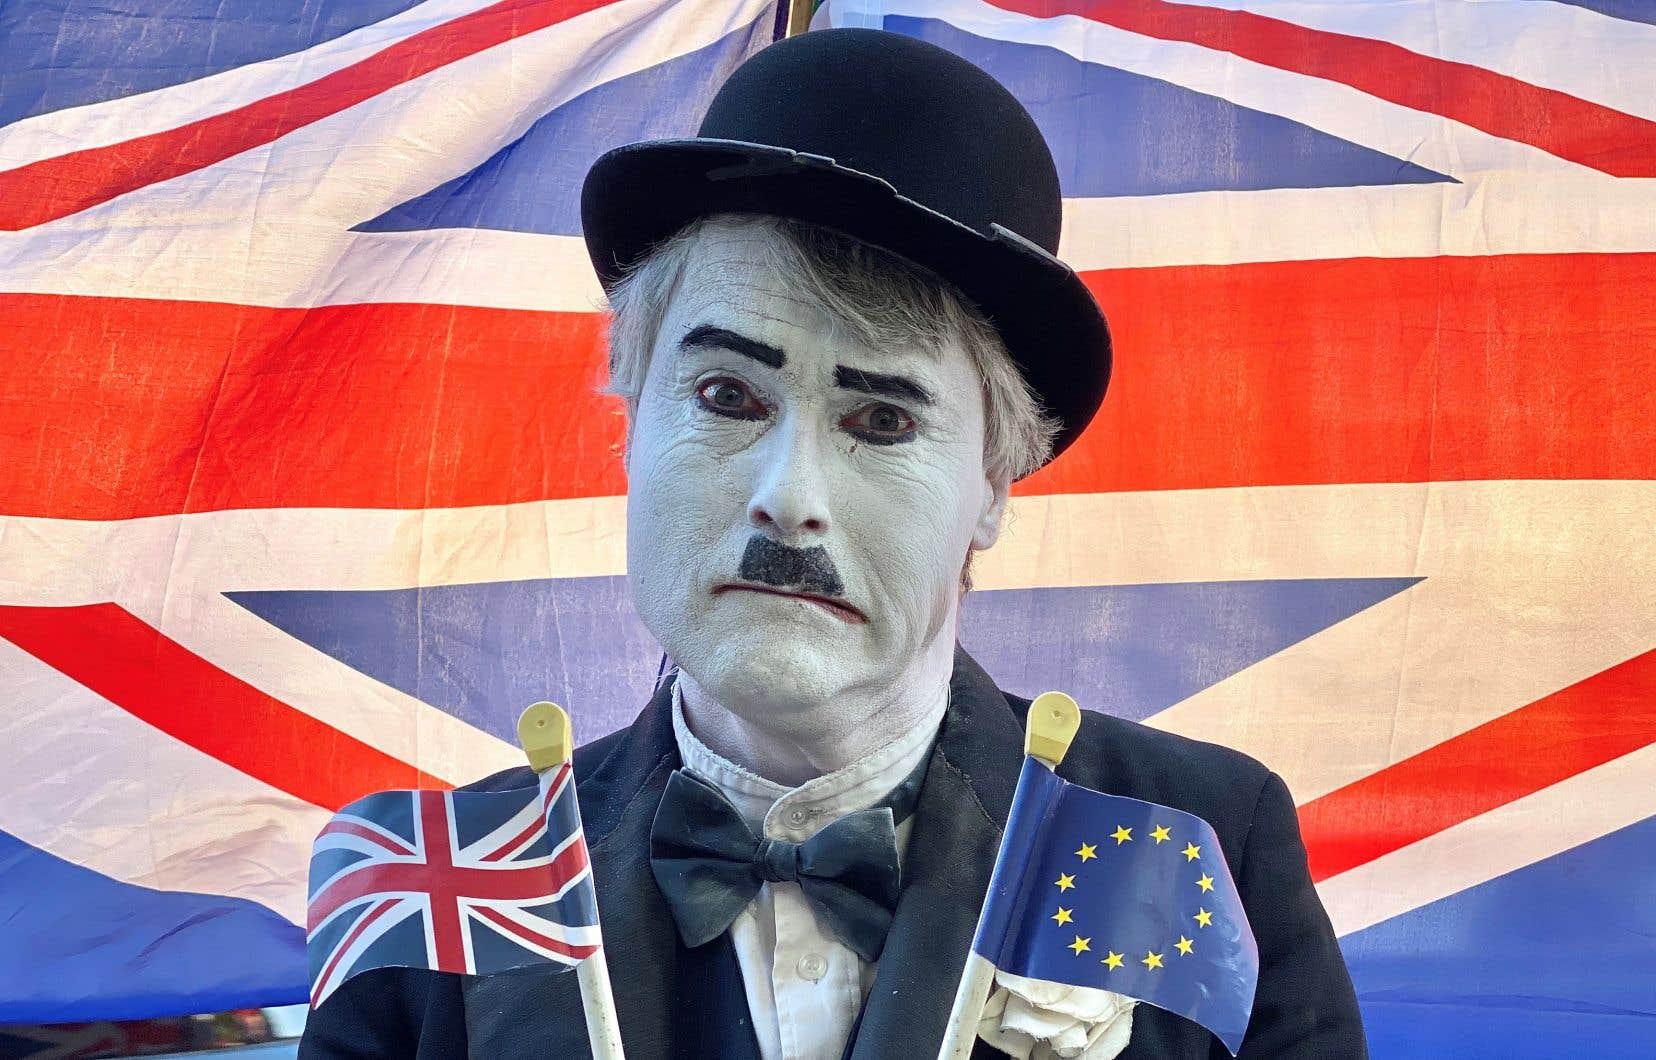 «L'incidence du Brexit sur les politiques culturelles est le sujet le plus discuté dans les milieux culturels en raison du haut niveau d'incertitude créé par cette situation», affirmela professeure Kate Mattocks.